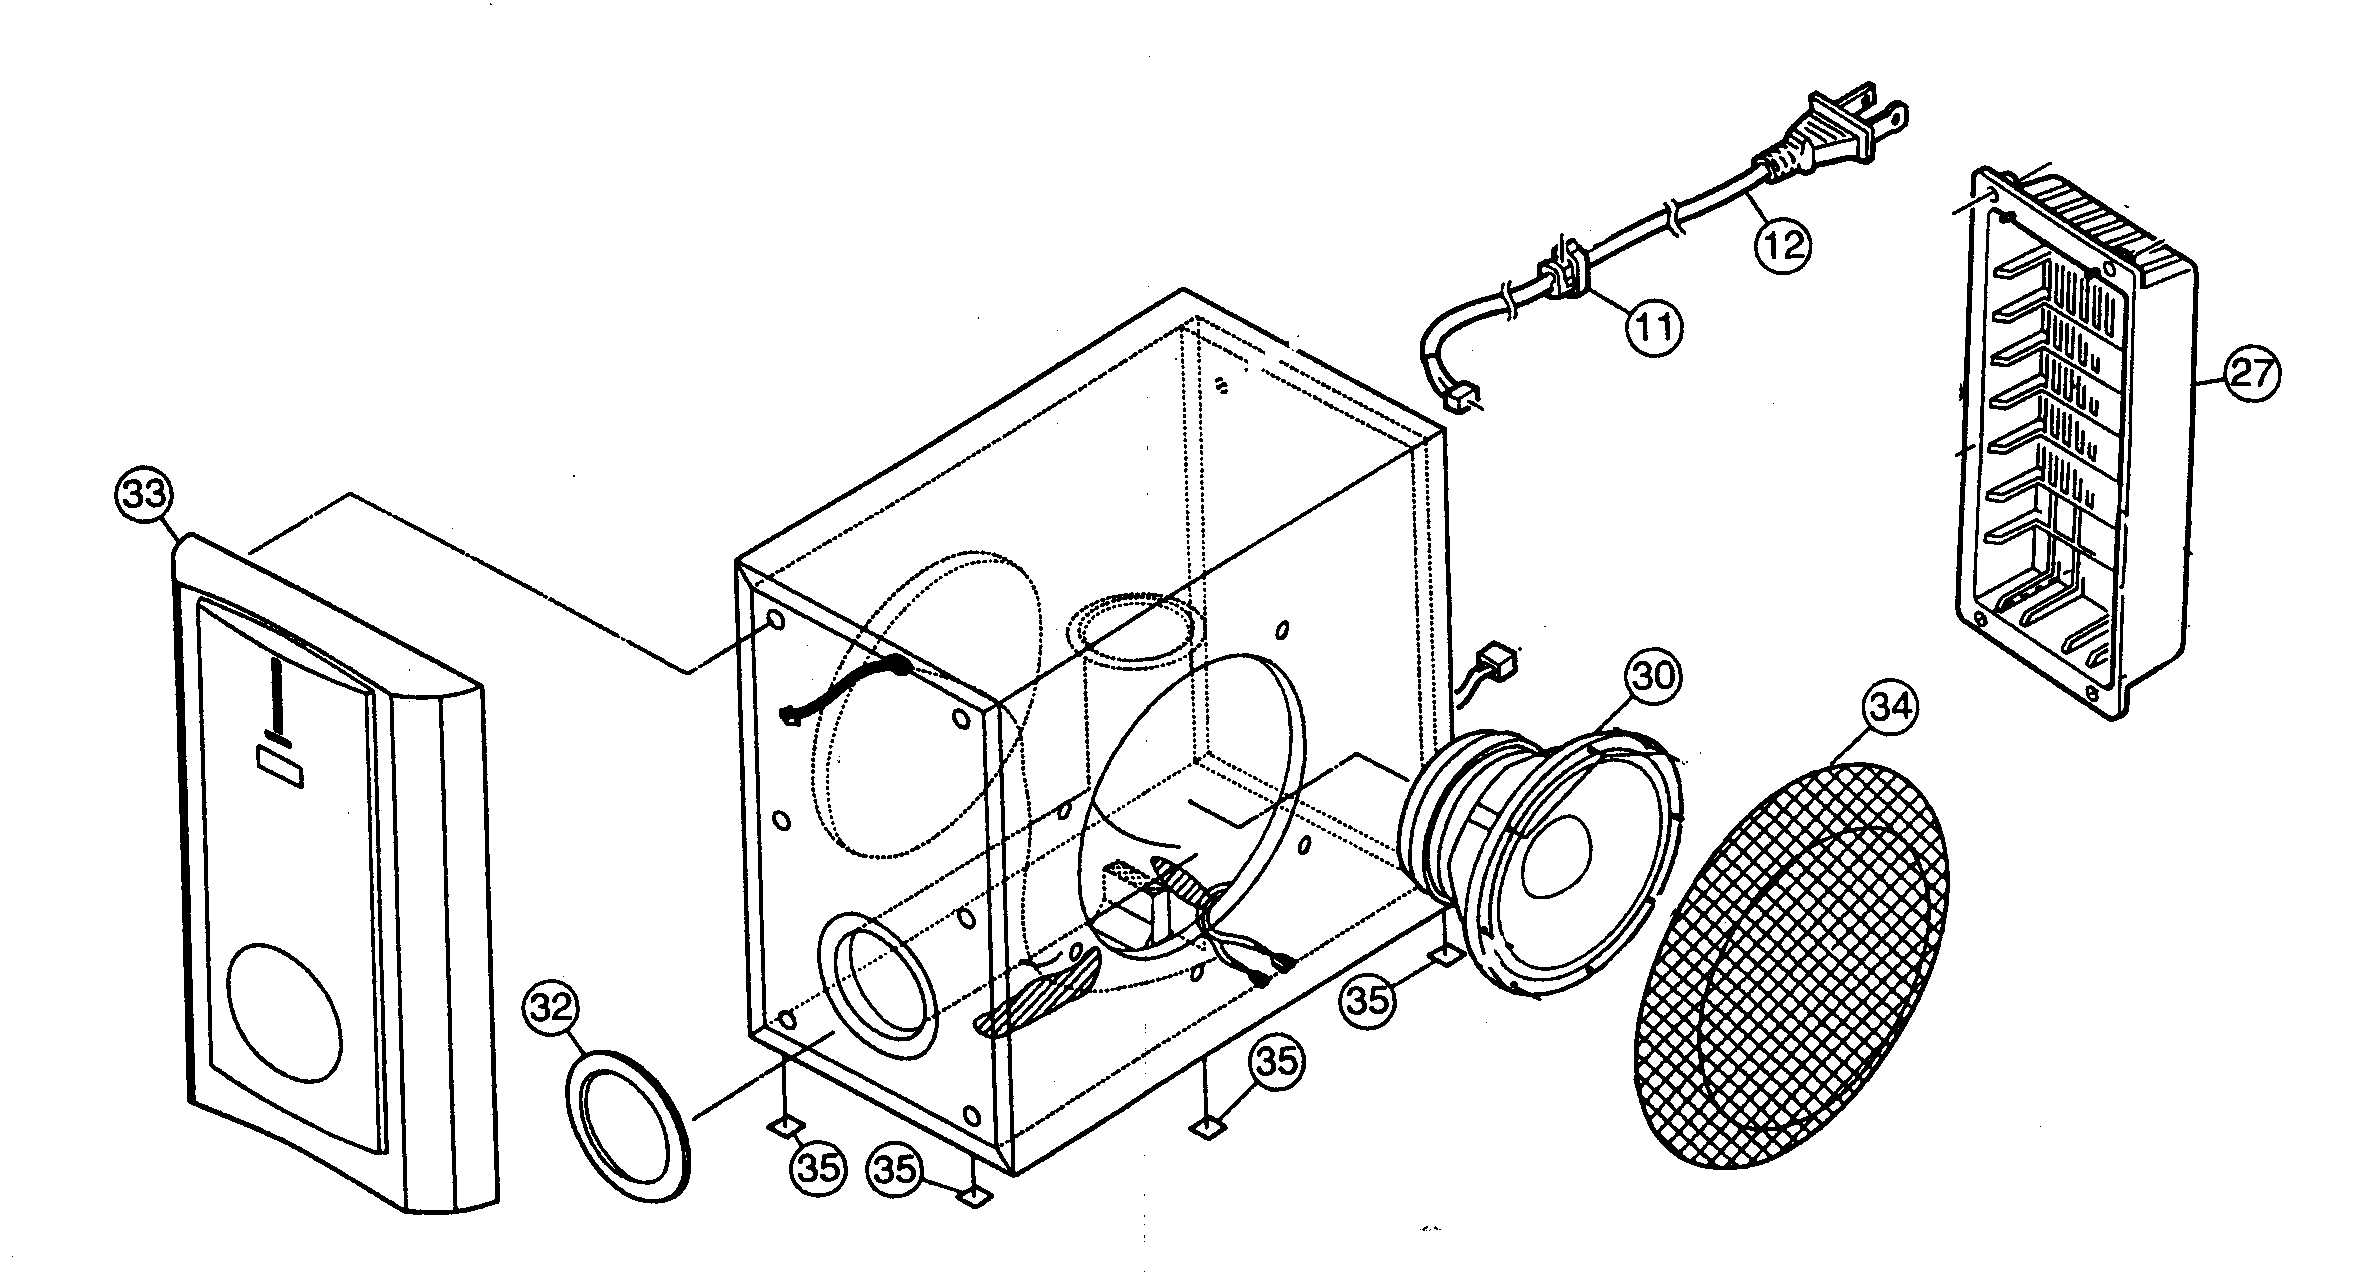 speaker diagram and parts list for jvc audioequipmentparts model